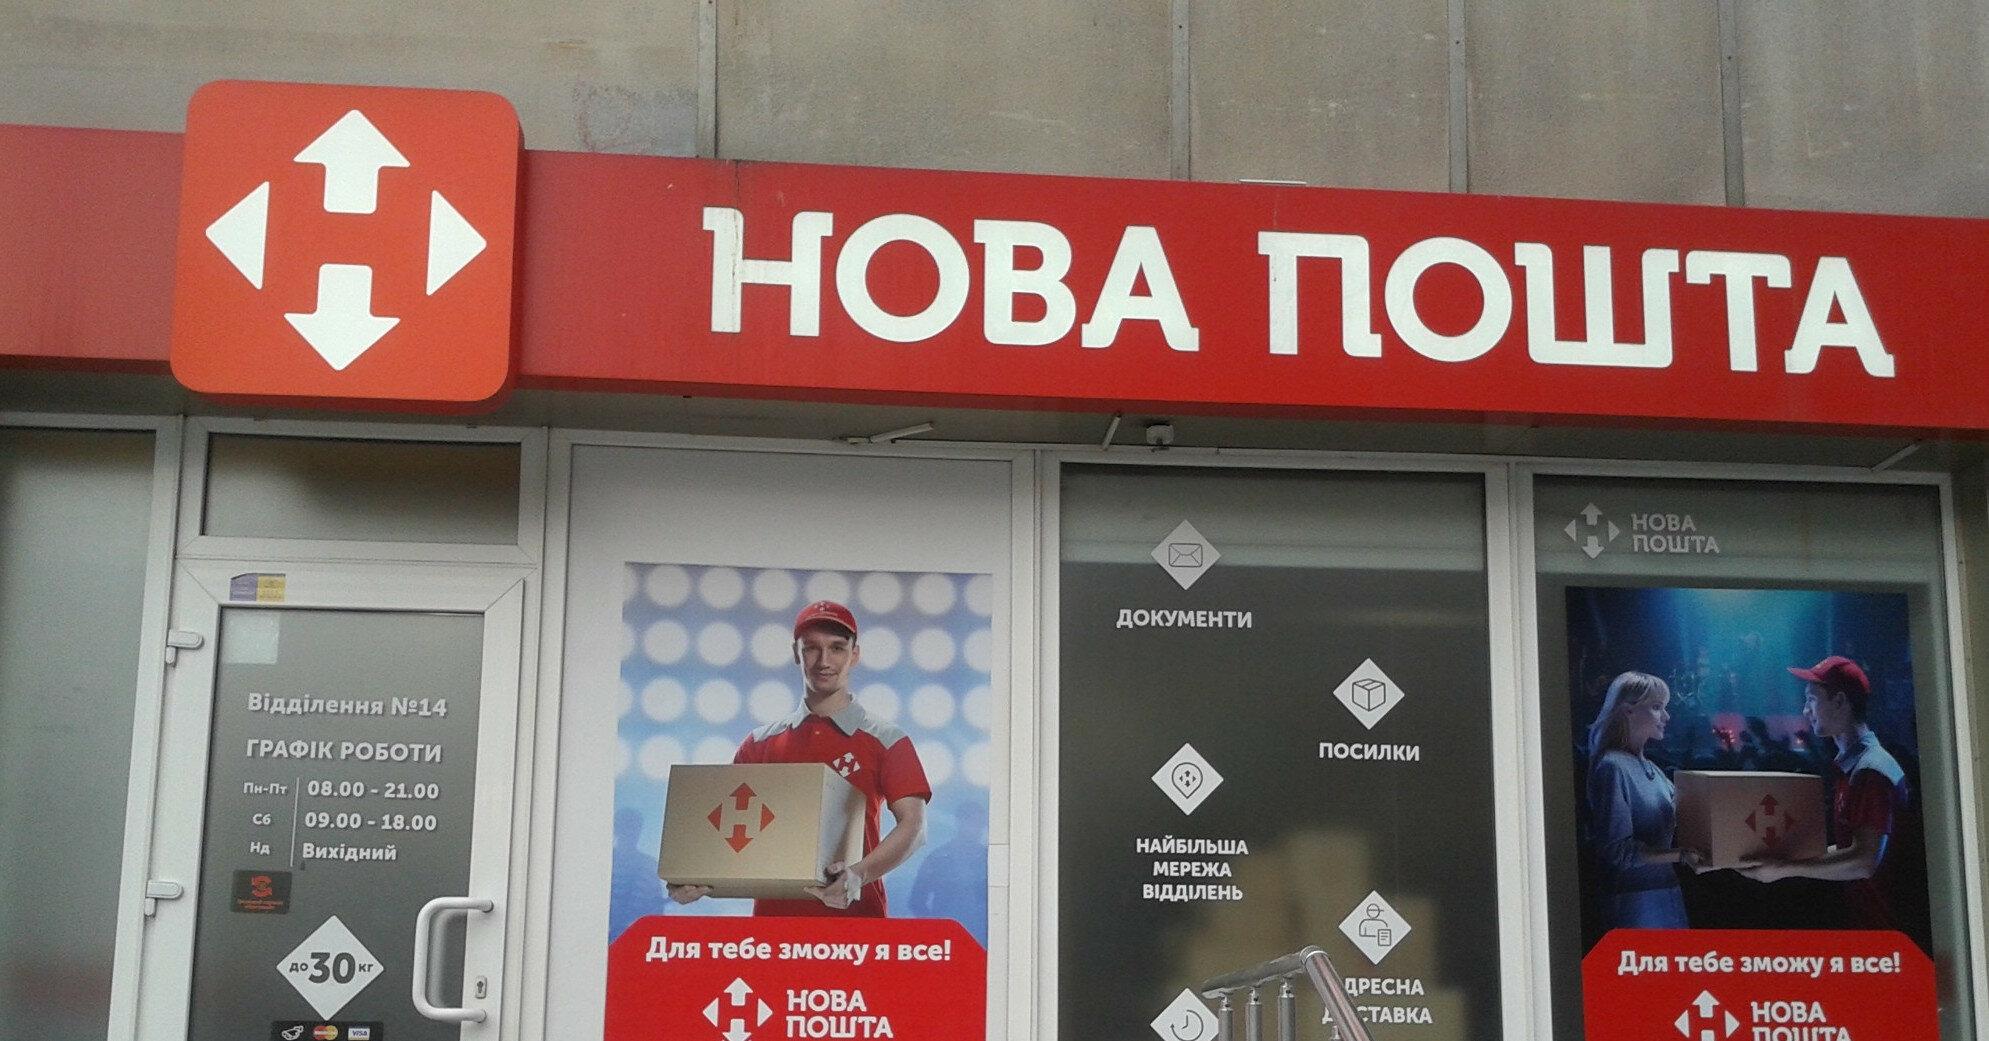 Нова Пошта запустила новый сервис